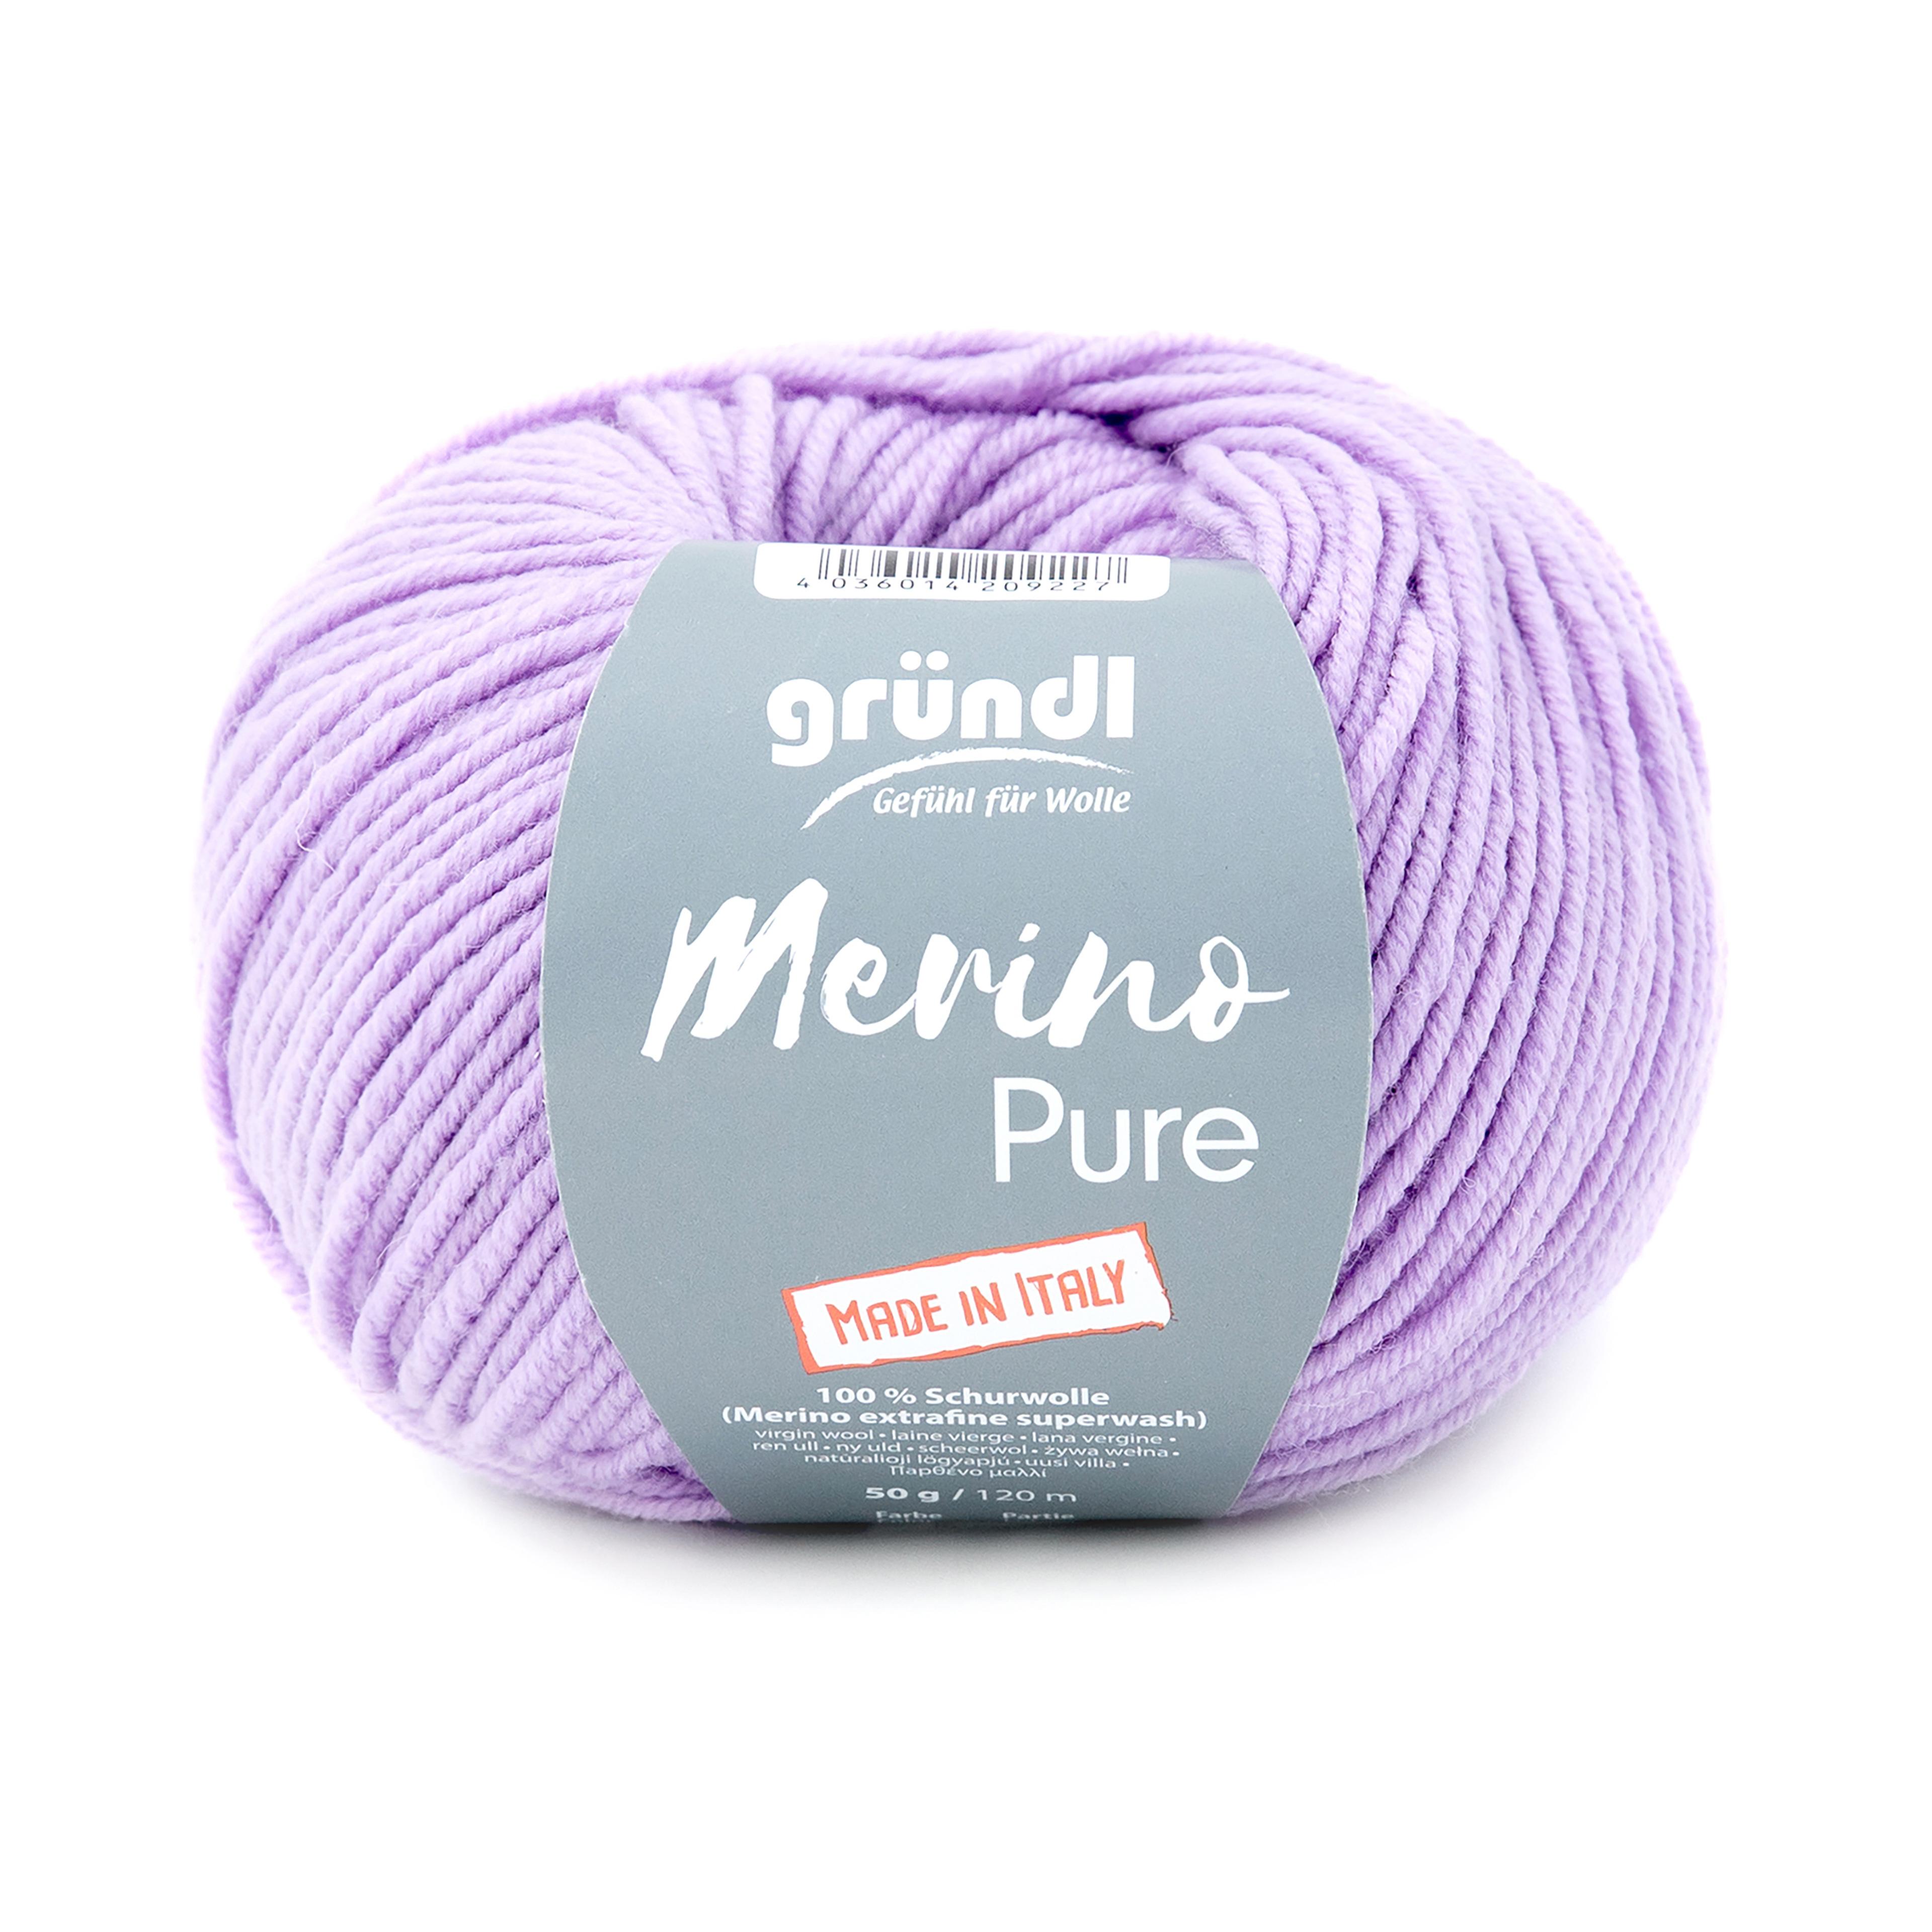 Merino Pure